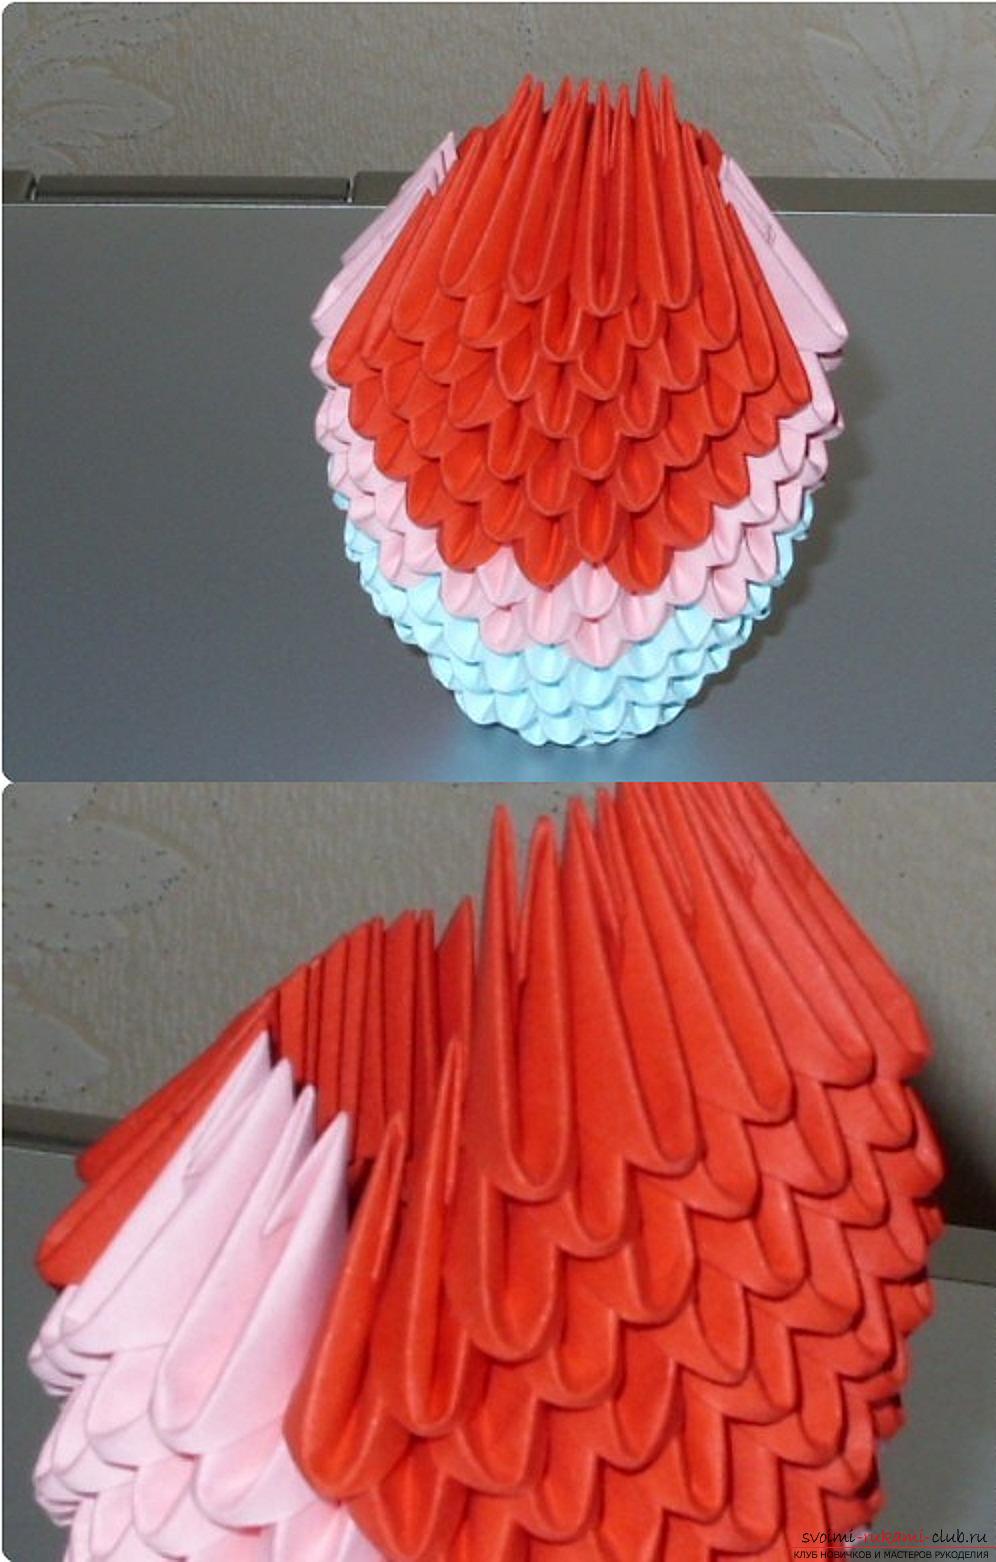 Een papegaai in een modulaire origamitechniek. Foto №61